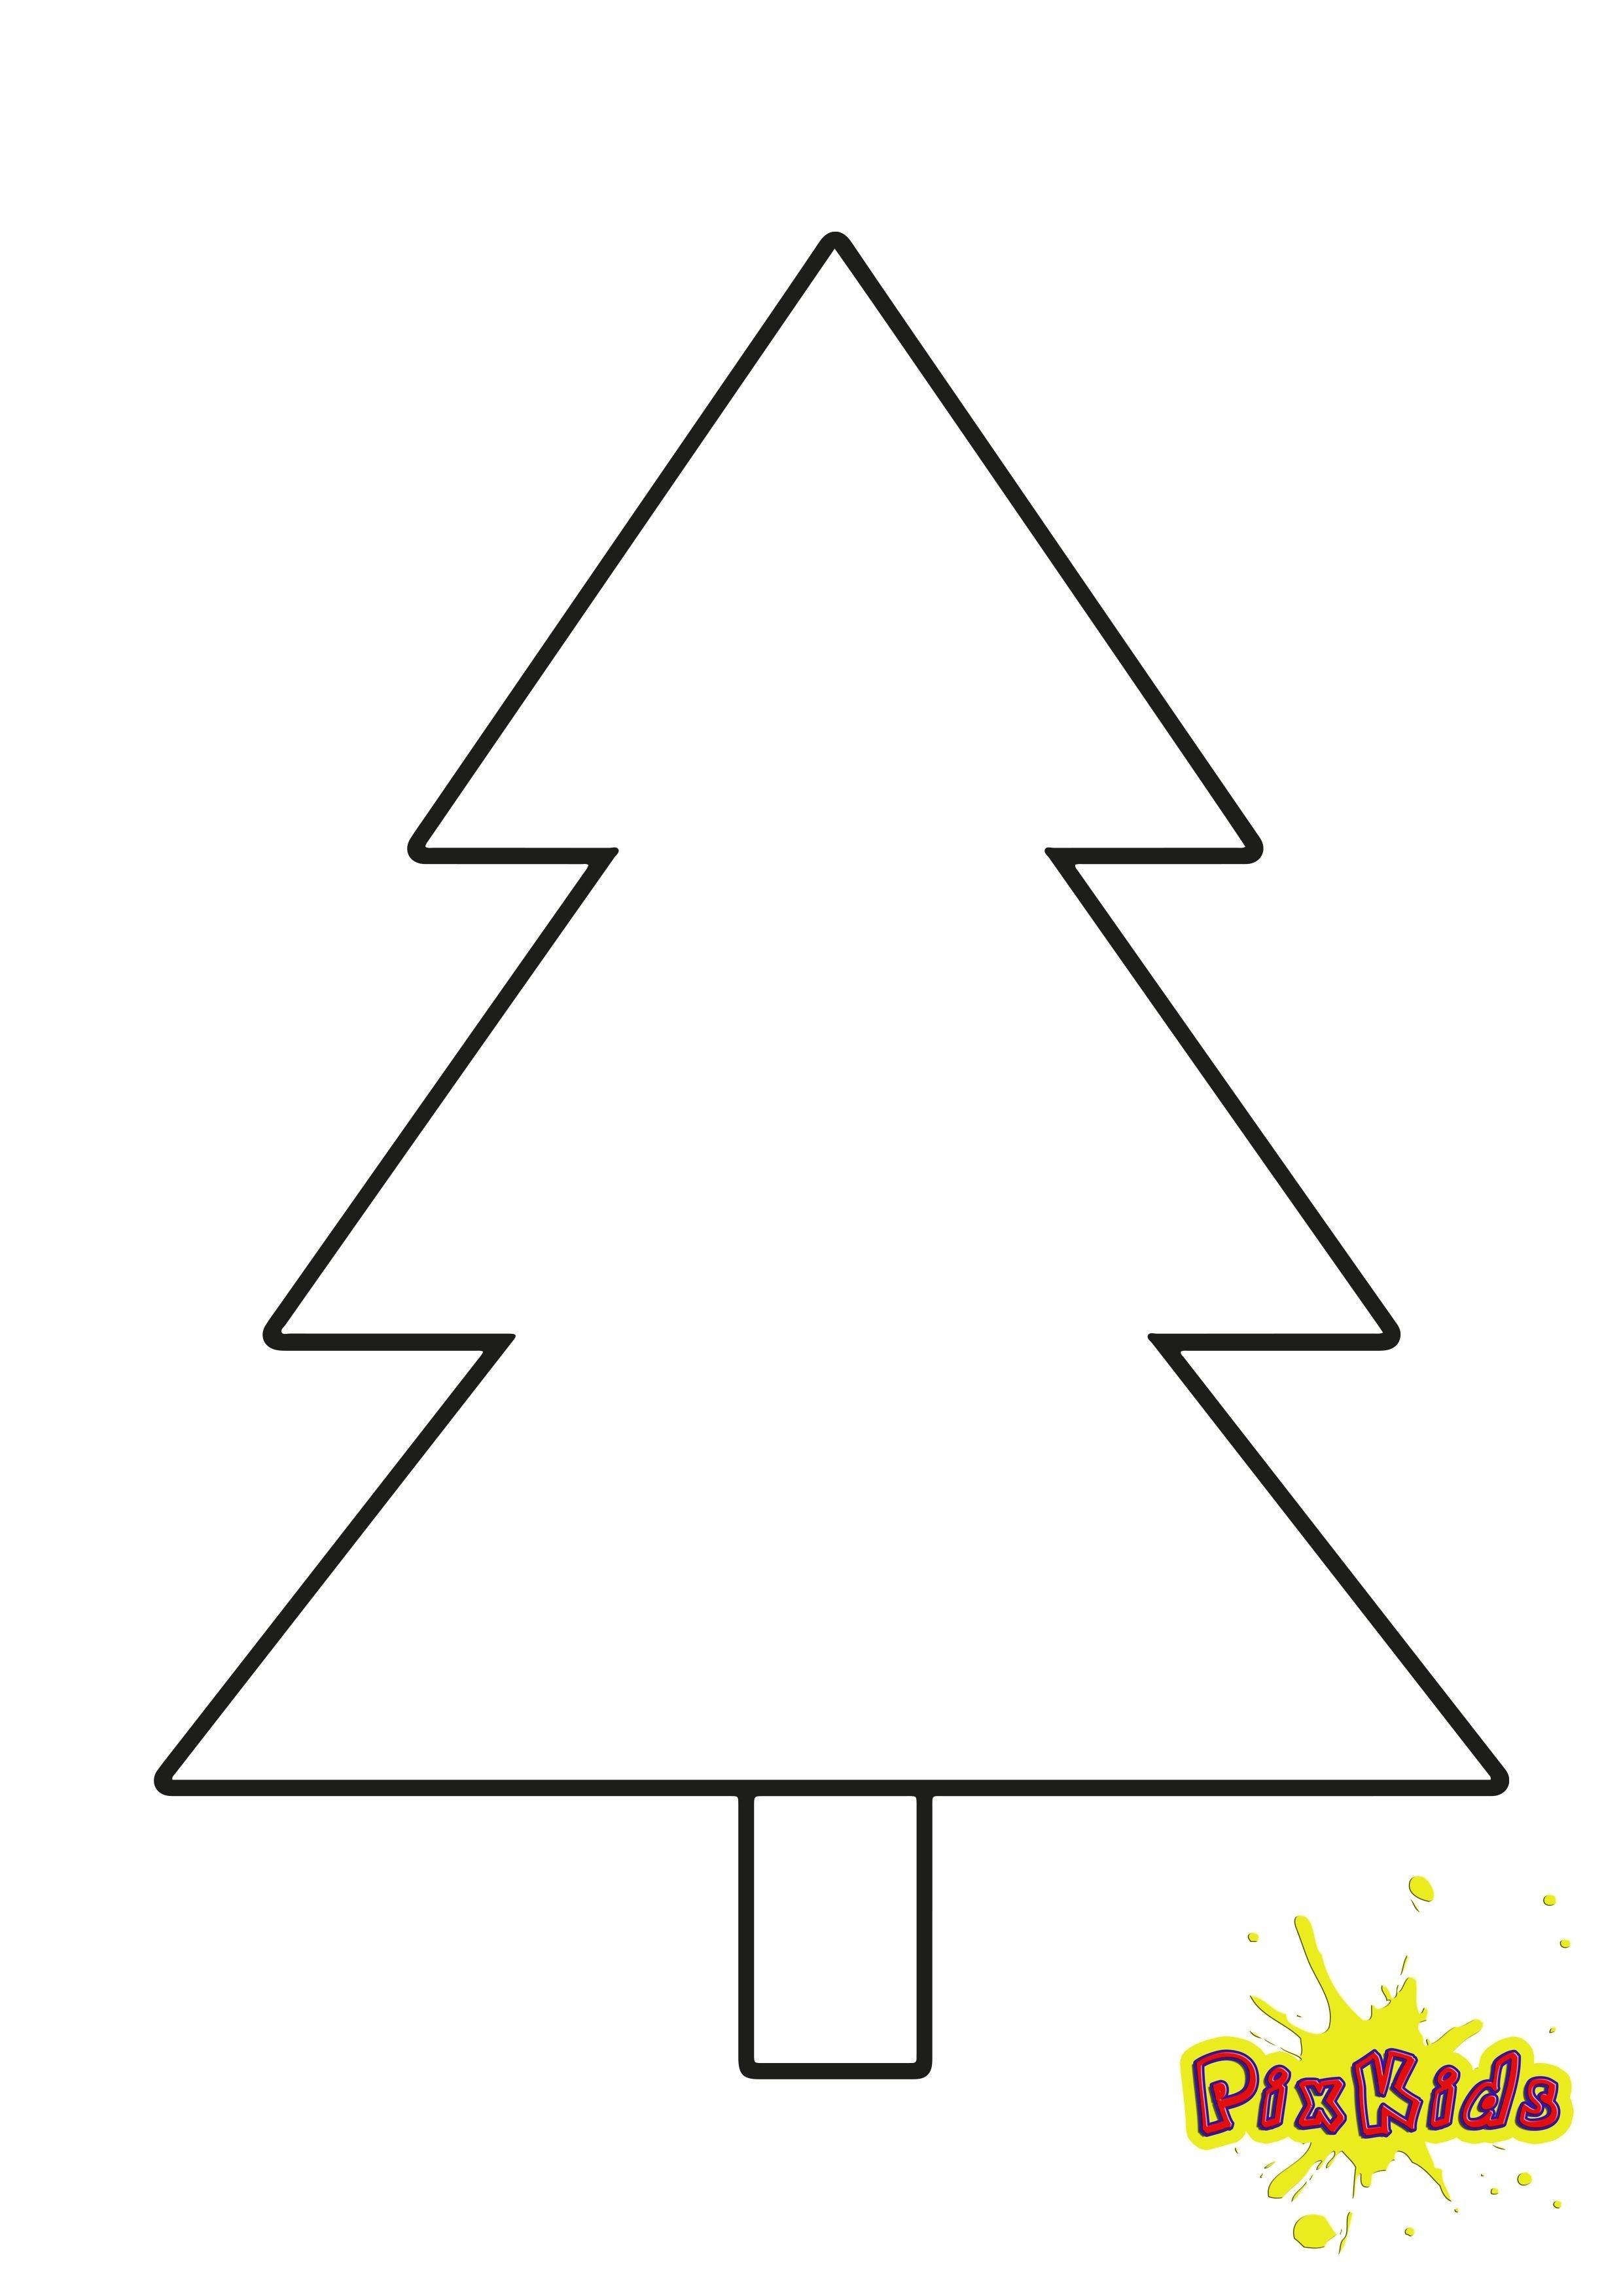 Malvorlage Tannenbaum Einfach Kostenlos Vorlagen Trockenfilzen Malvorlage Tannenbaum Tannenbaum Vorlage Weihnachtsbaum Vorlage